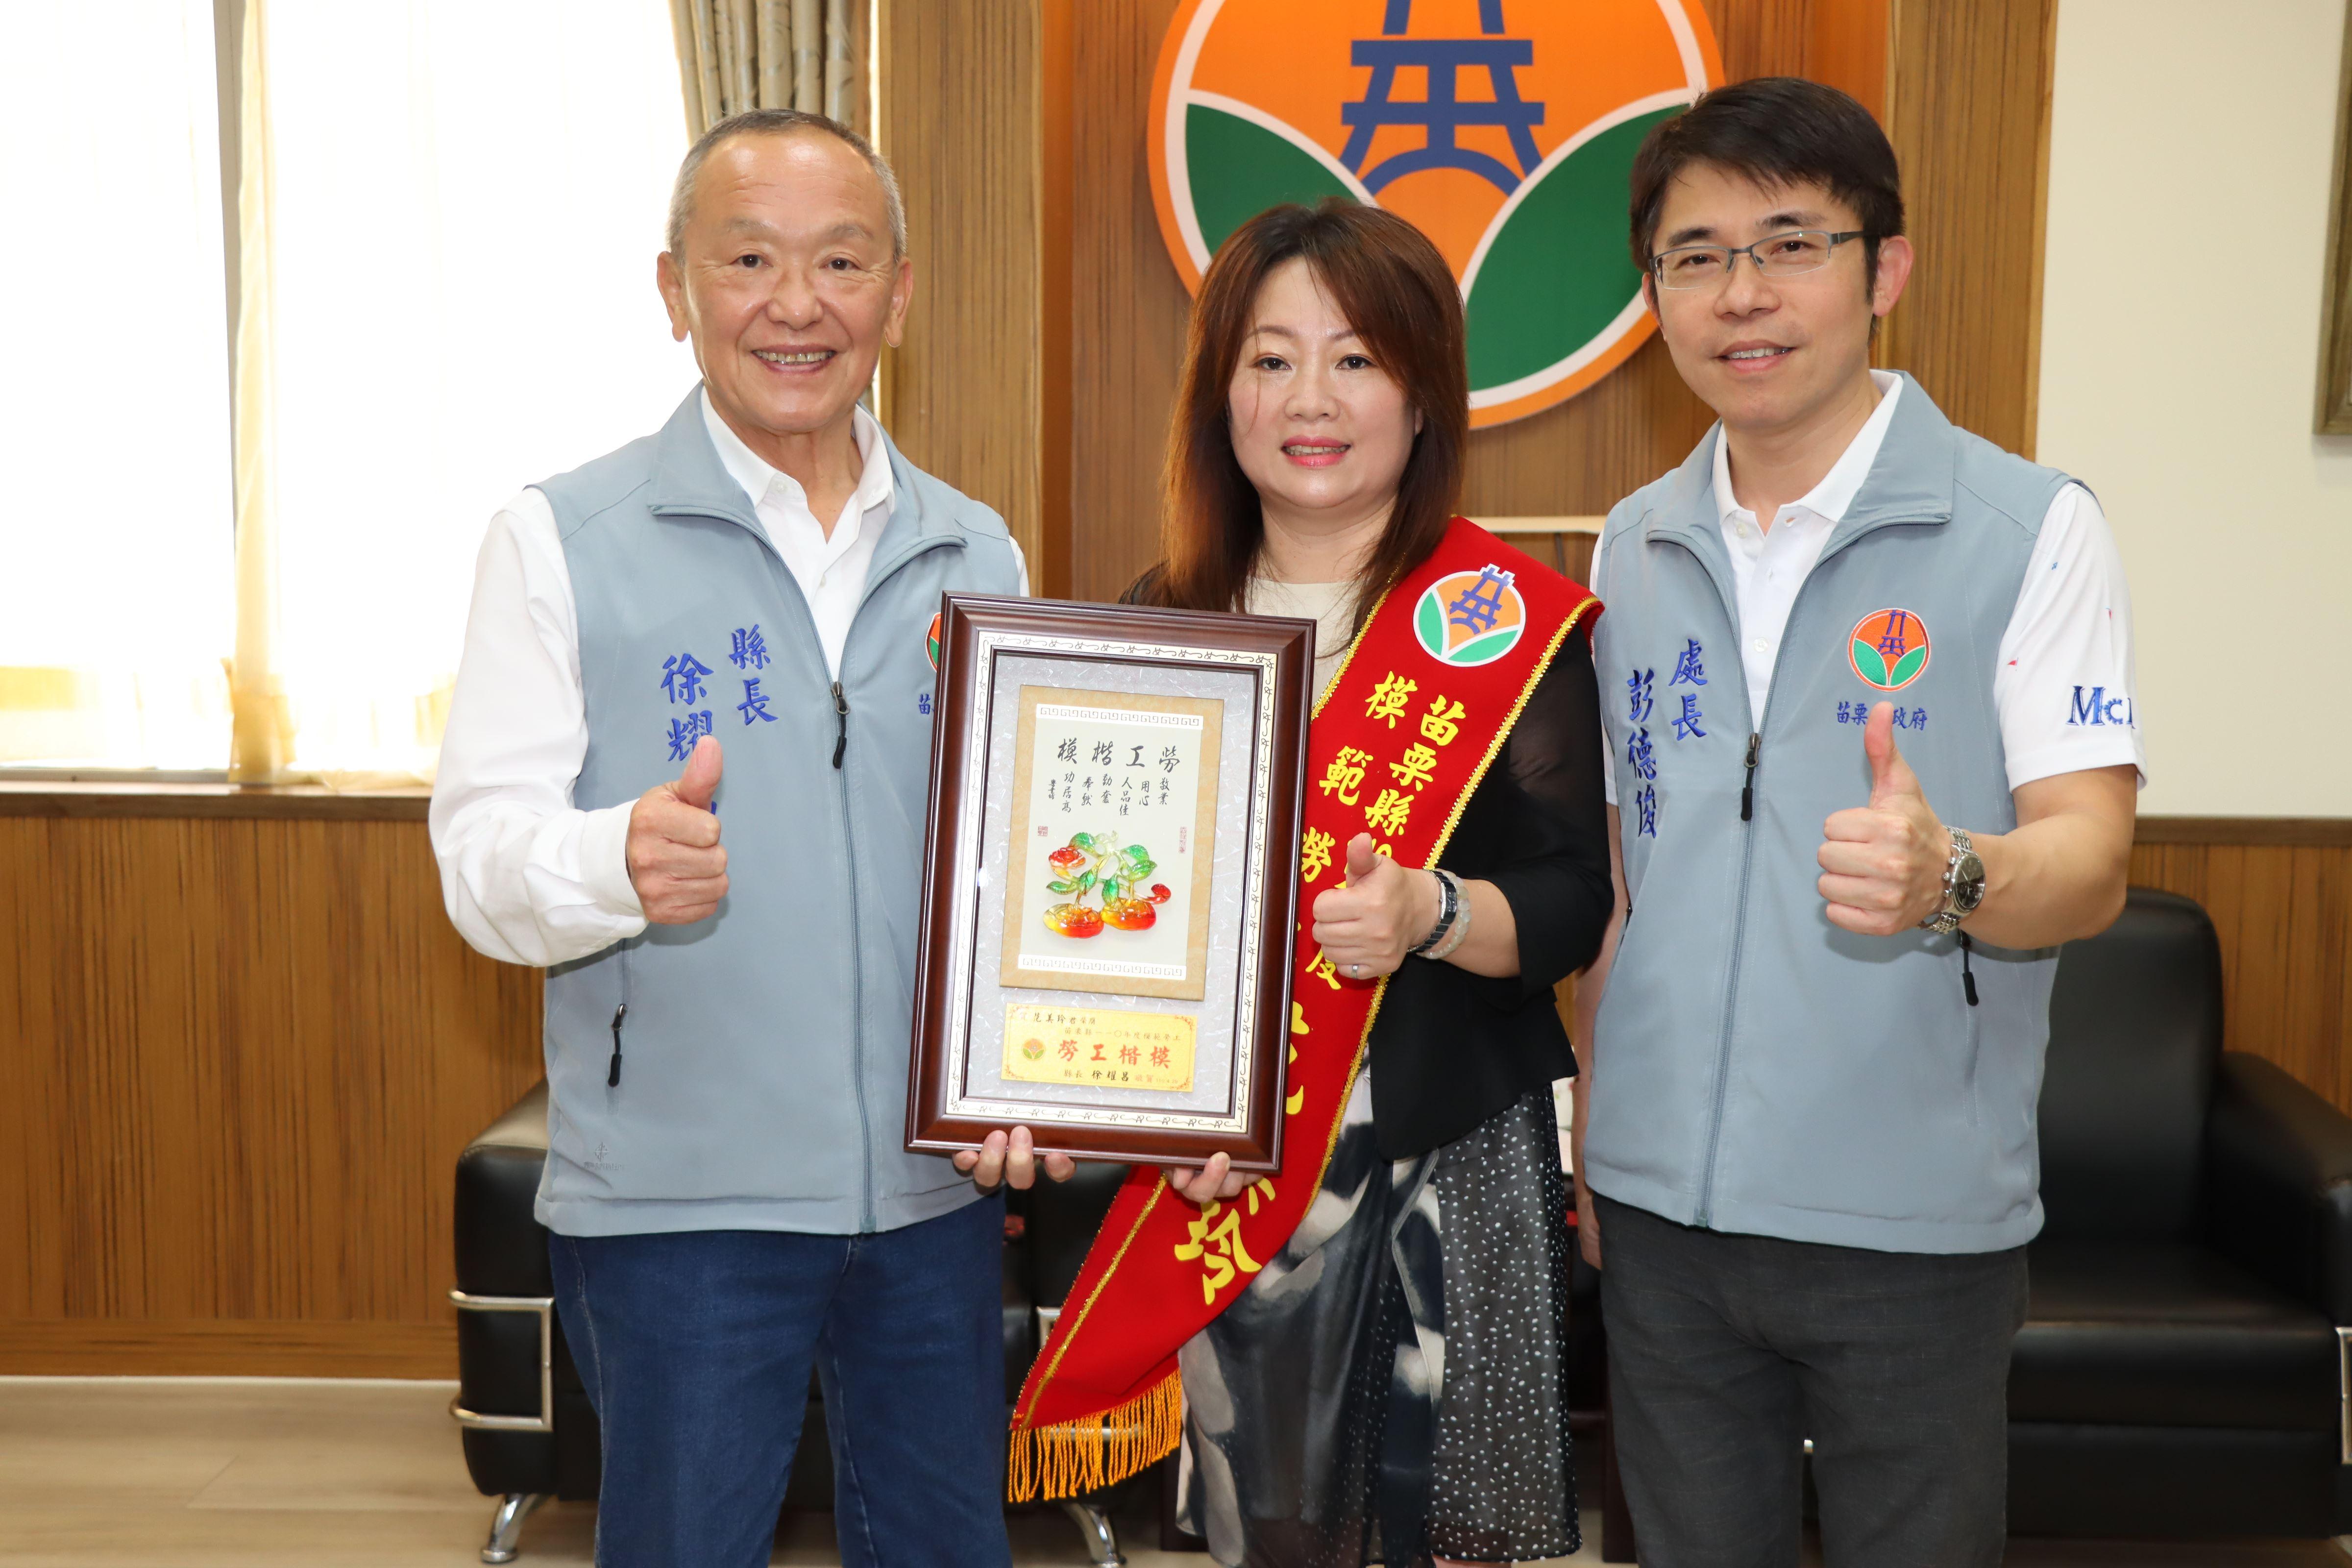 1縣府-表揚全國模範勞工范美玲IMG_8074.JPG